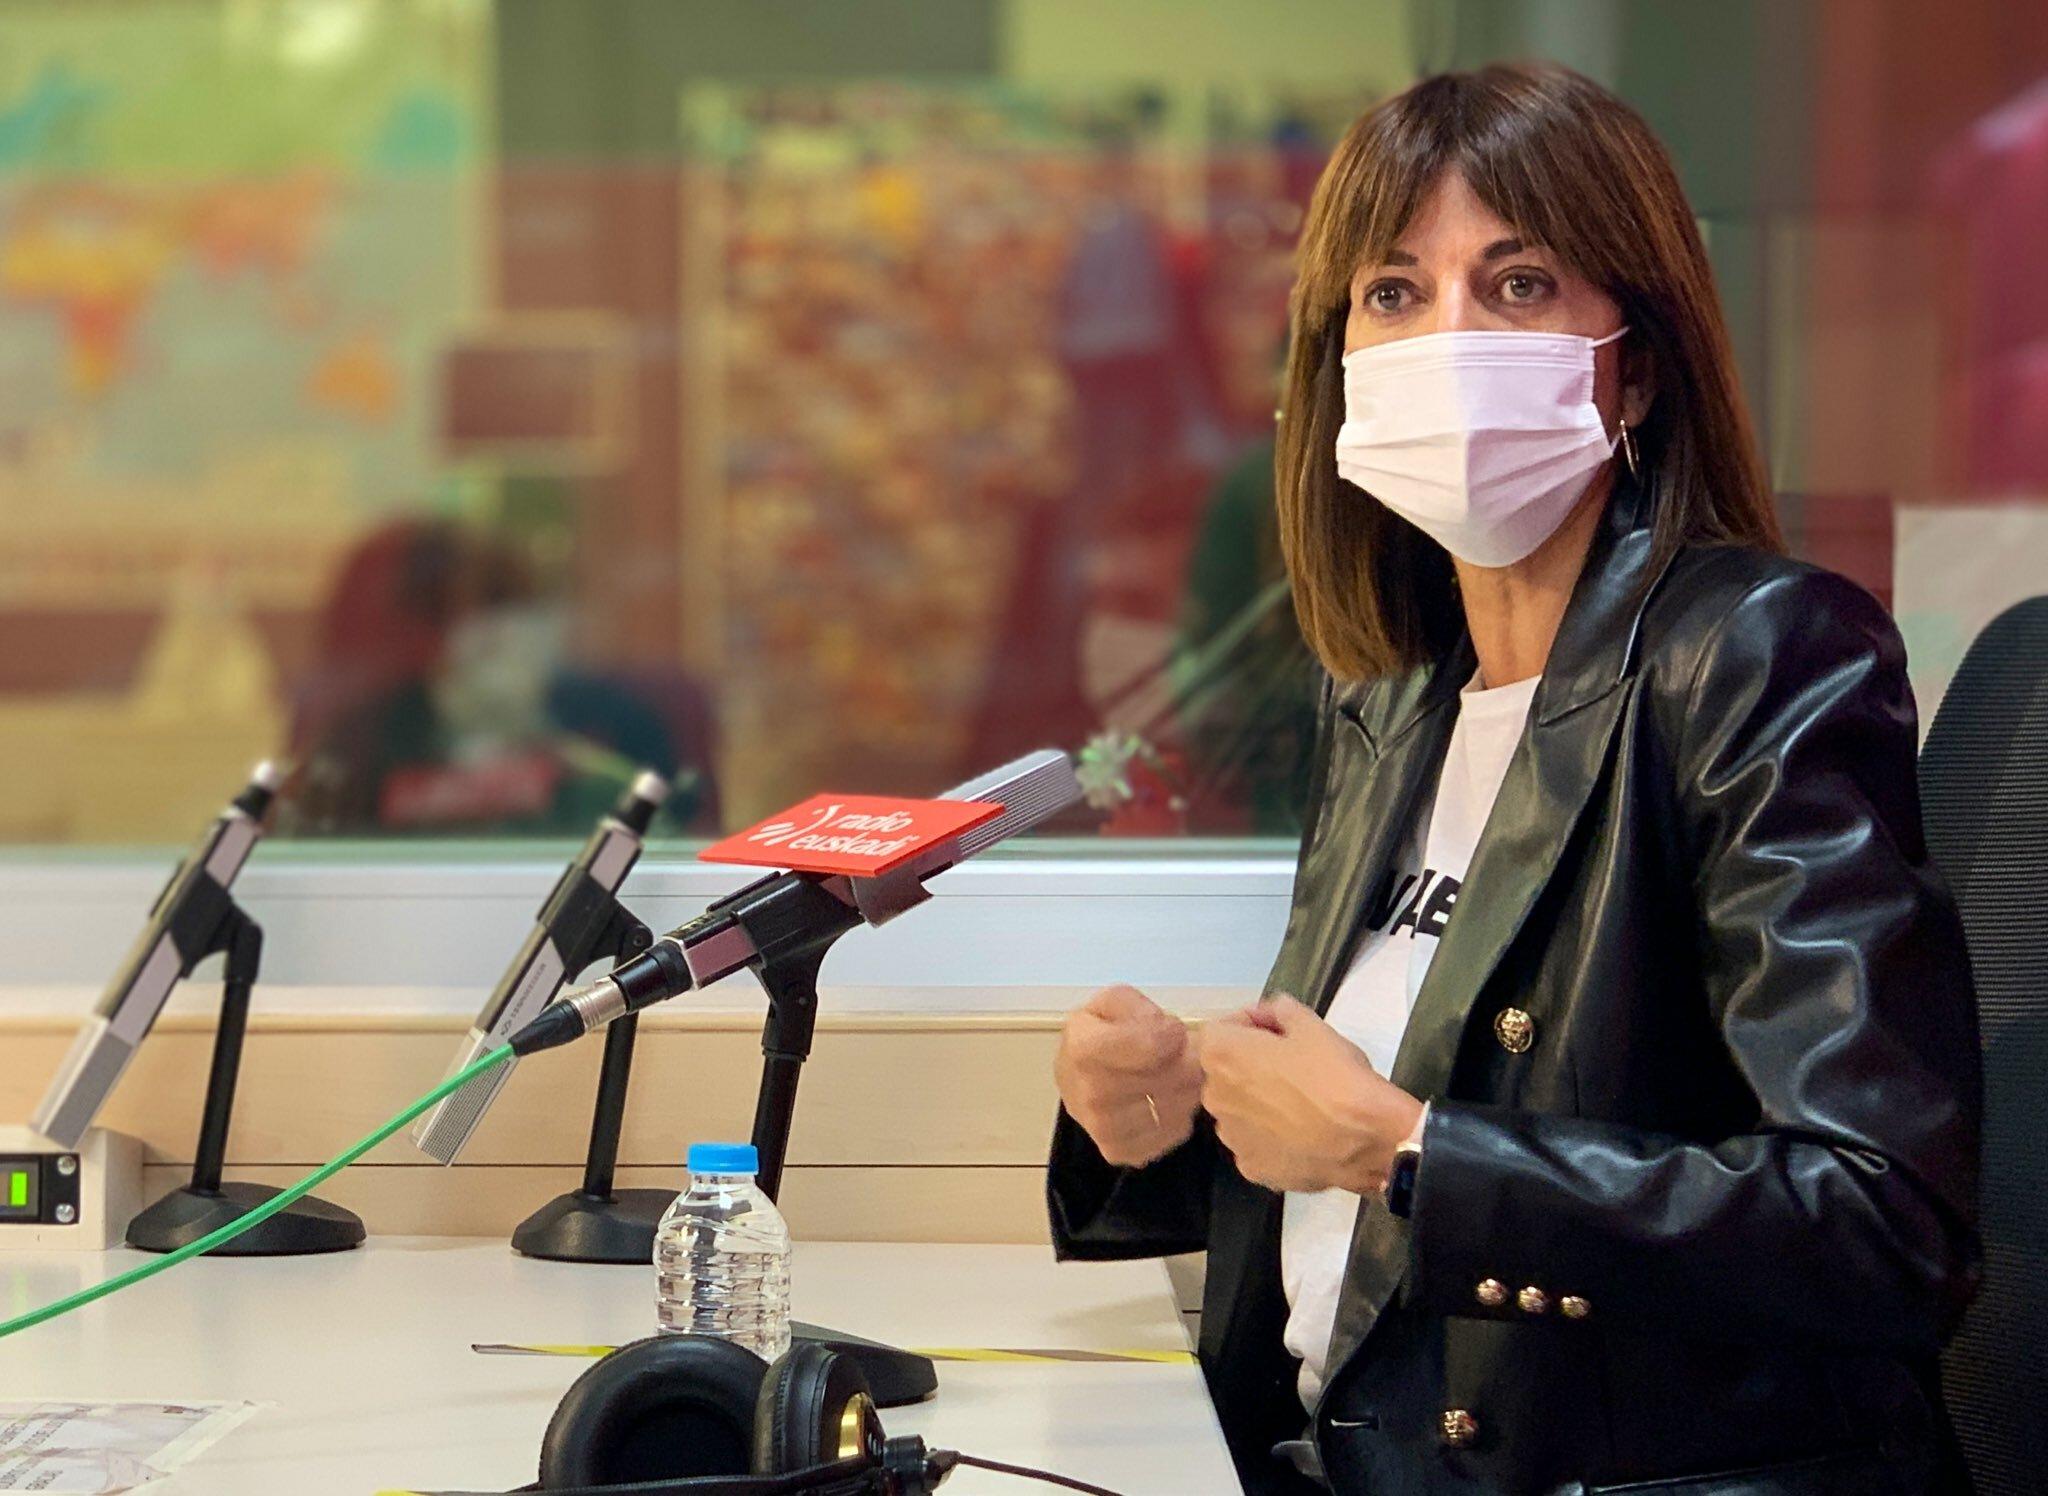 Lehendakariordeak Radio Euskadin adierazi duenez, Jaurlaritza enpleguari eusteko baliabideak eta neurriak ematen ari da [0:00]